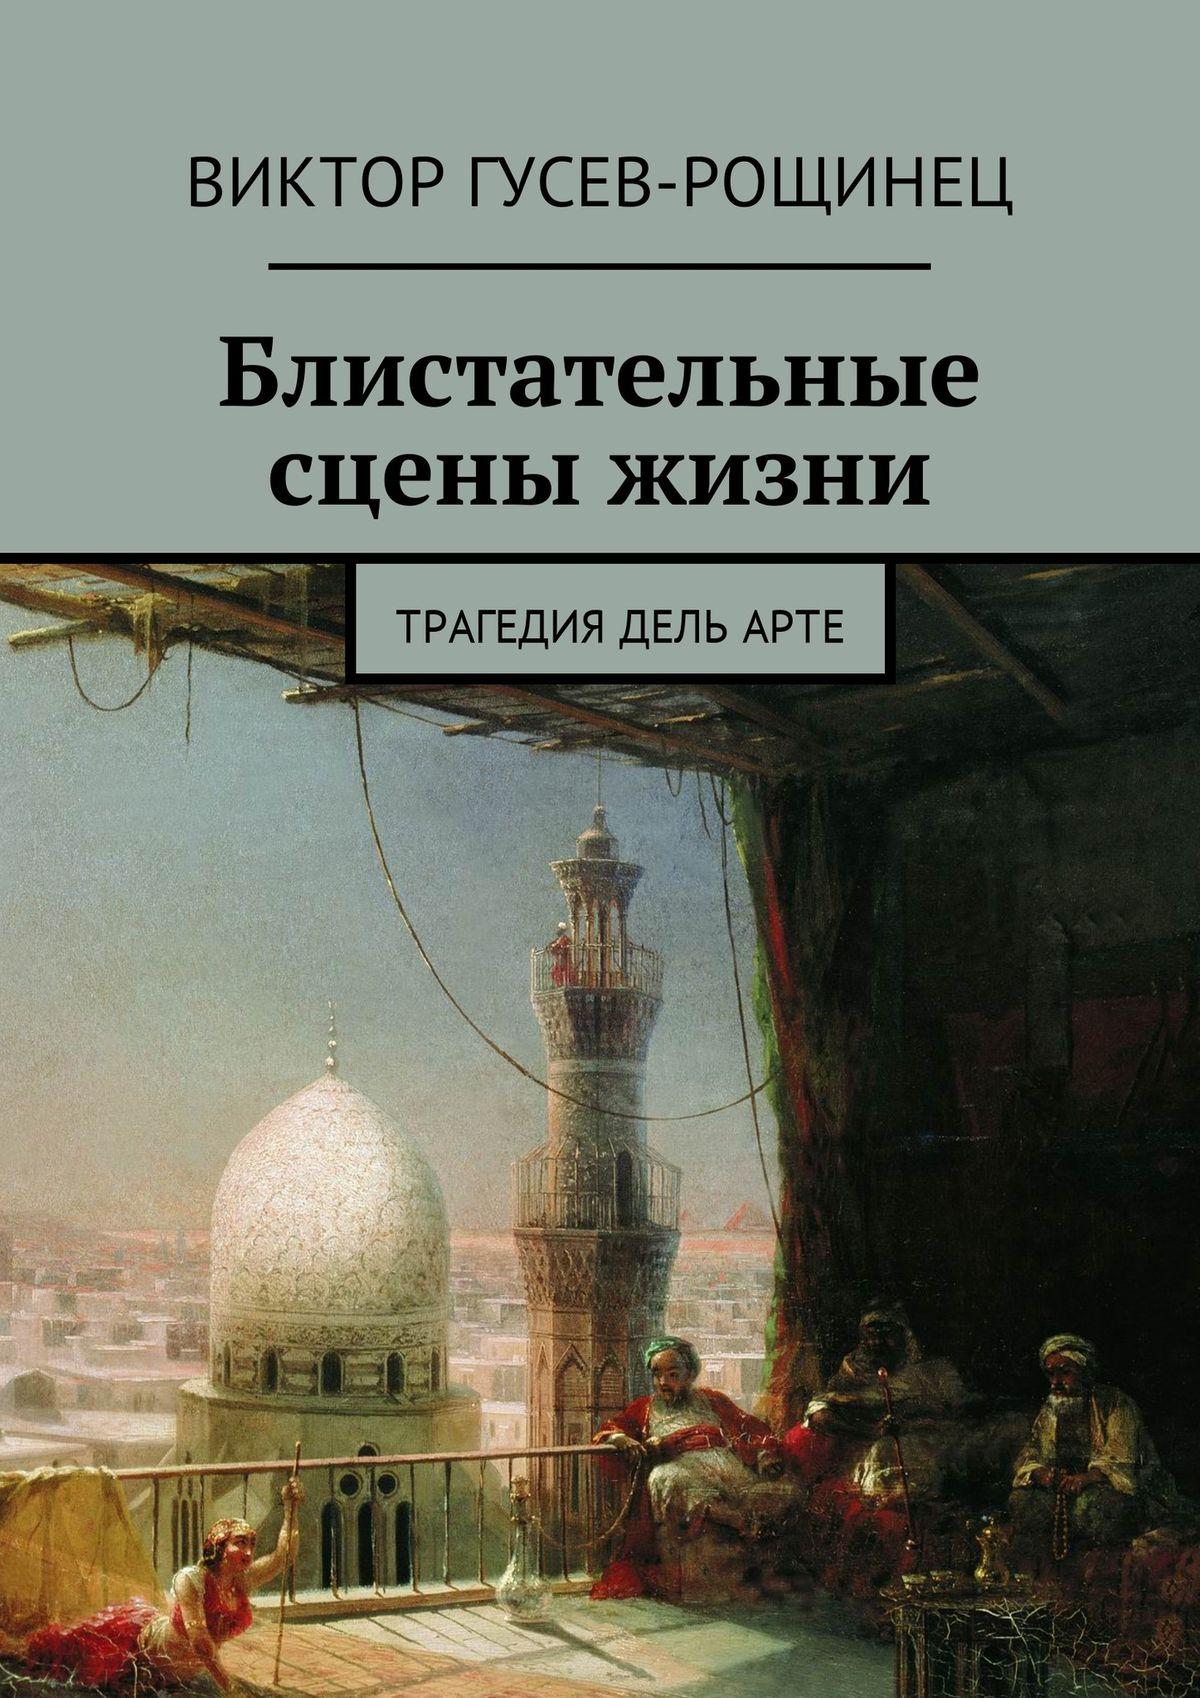 Виктор Гусев-Рощинец Блистательные сцены жизни. Трагедия дельарте цены онлайн